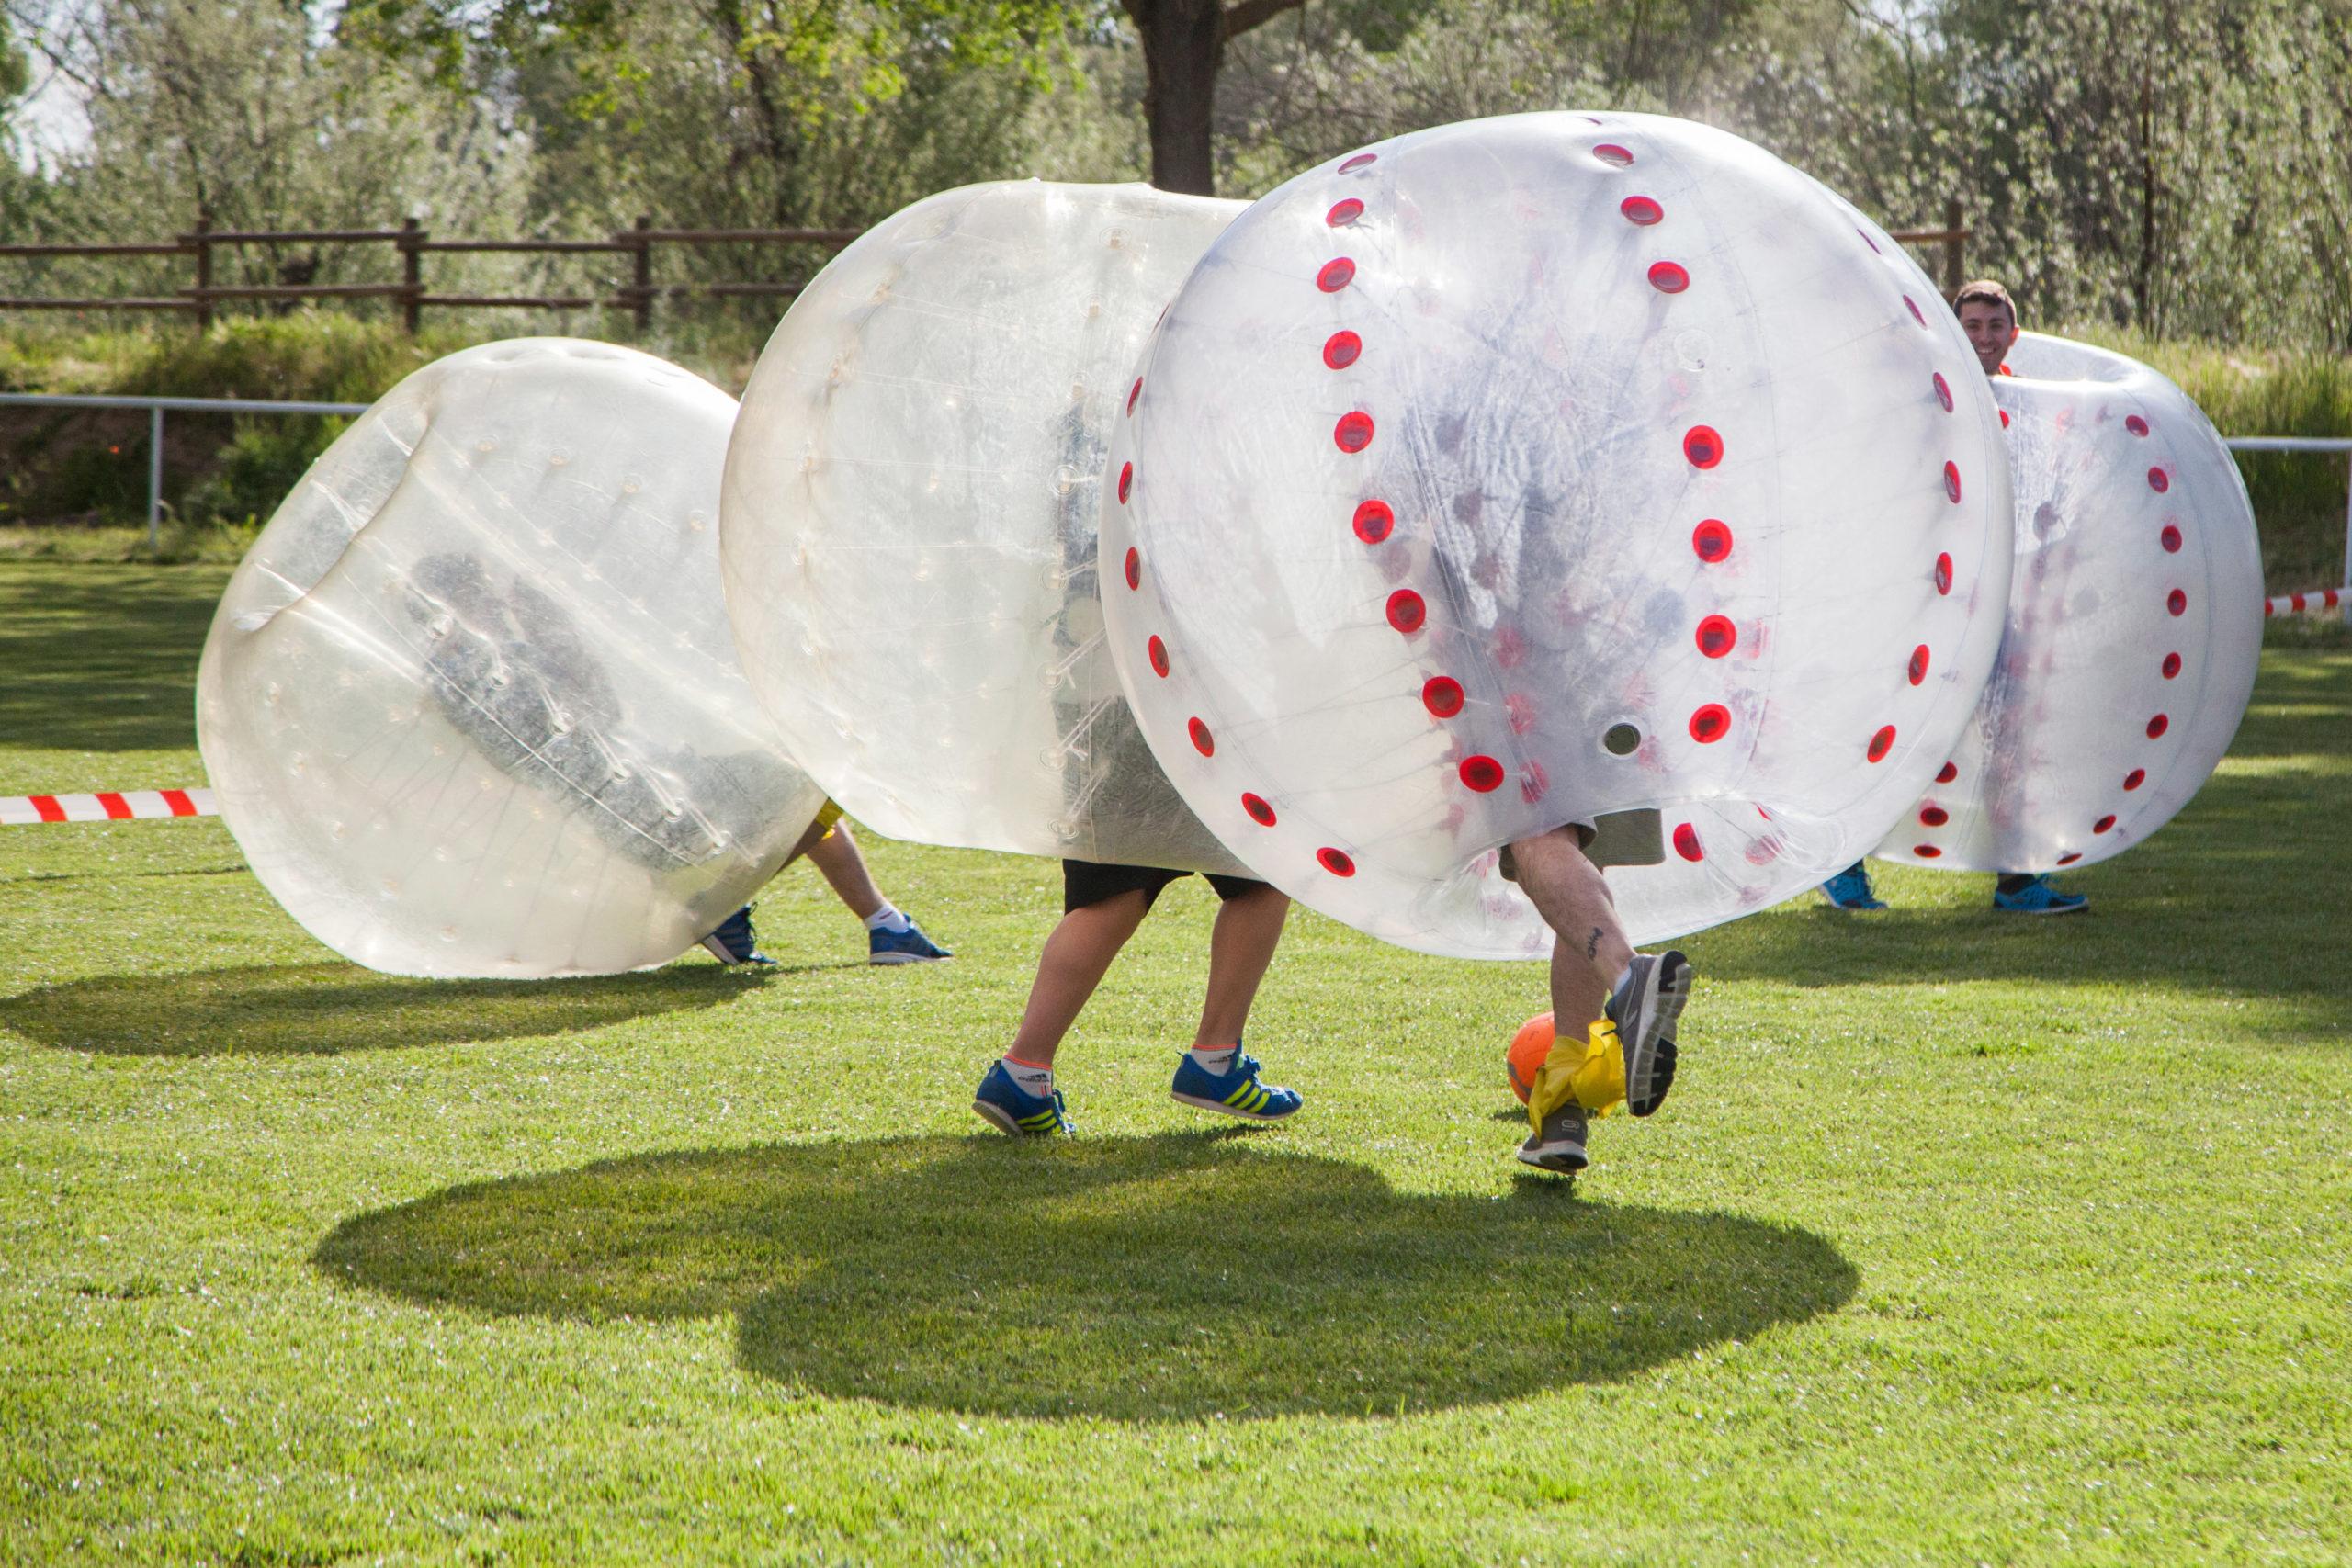 Fútbol Burbuja para actividad original despedidas